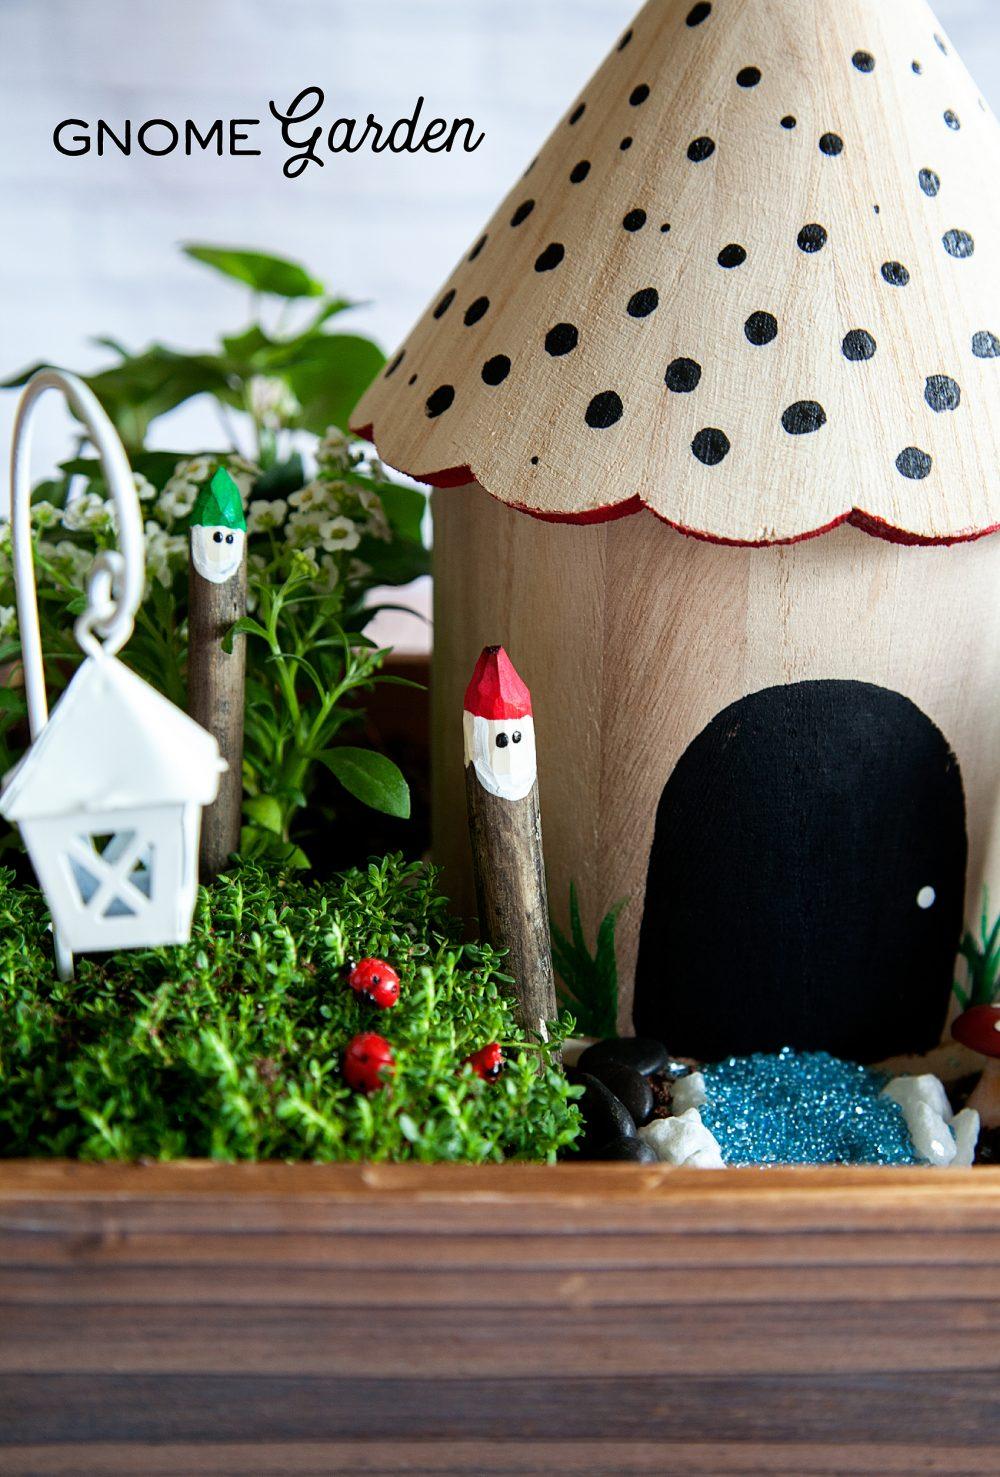 gnome-garden